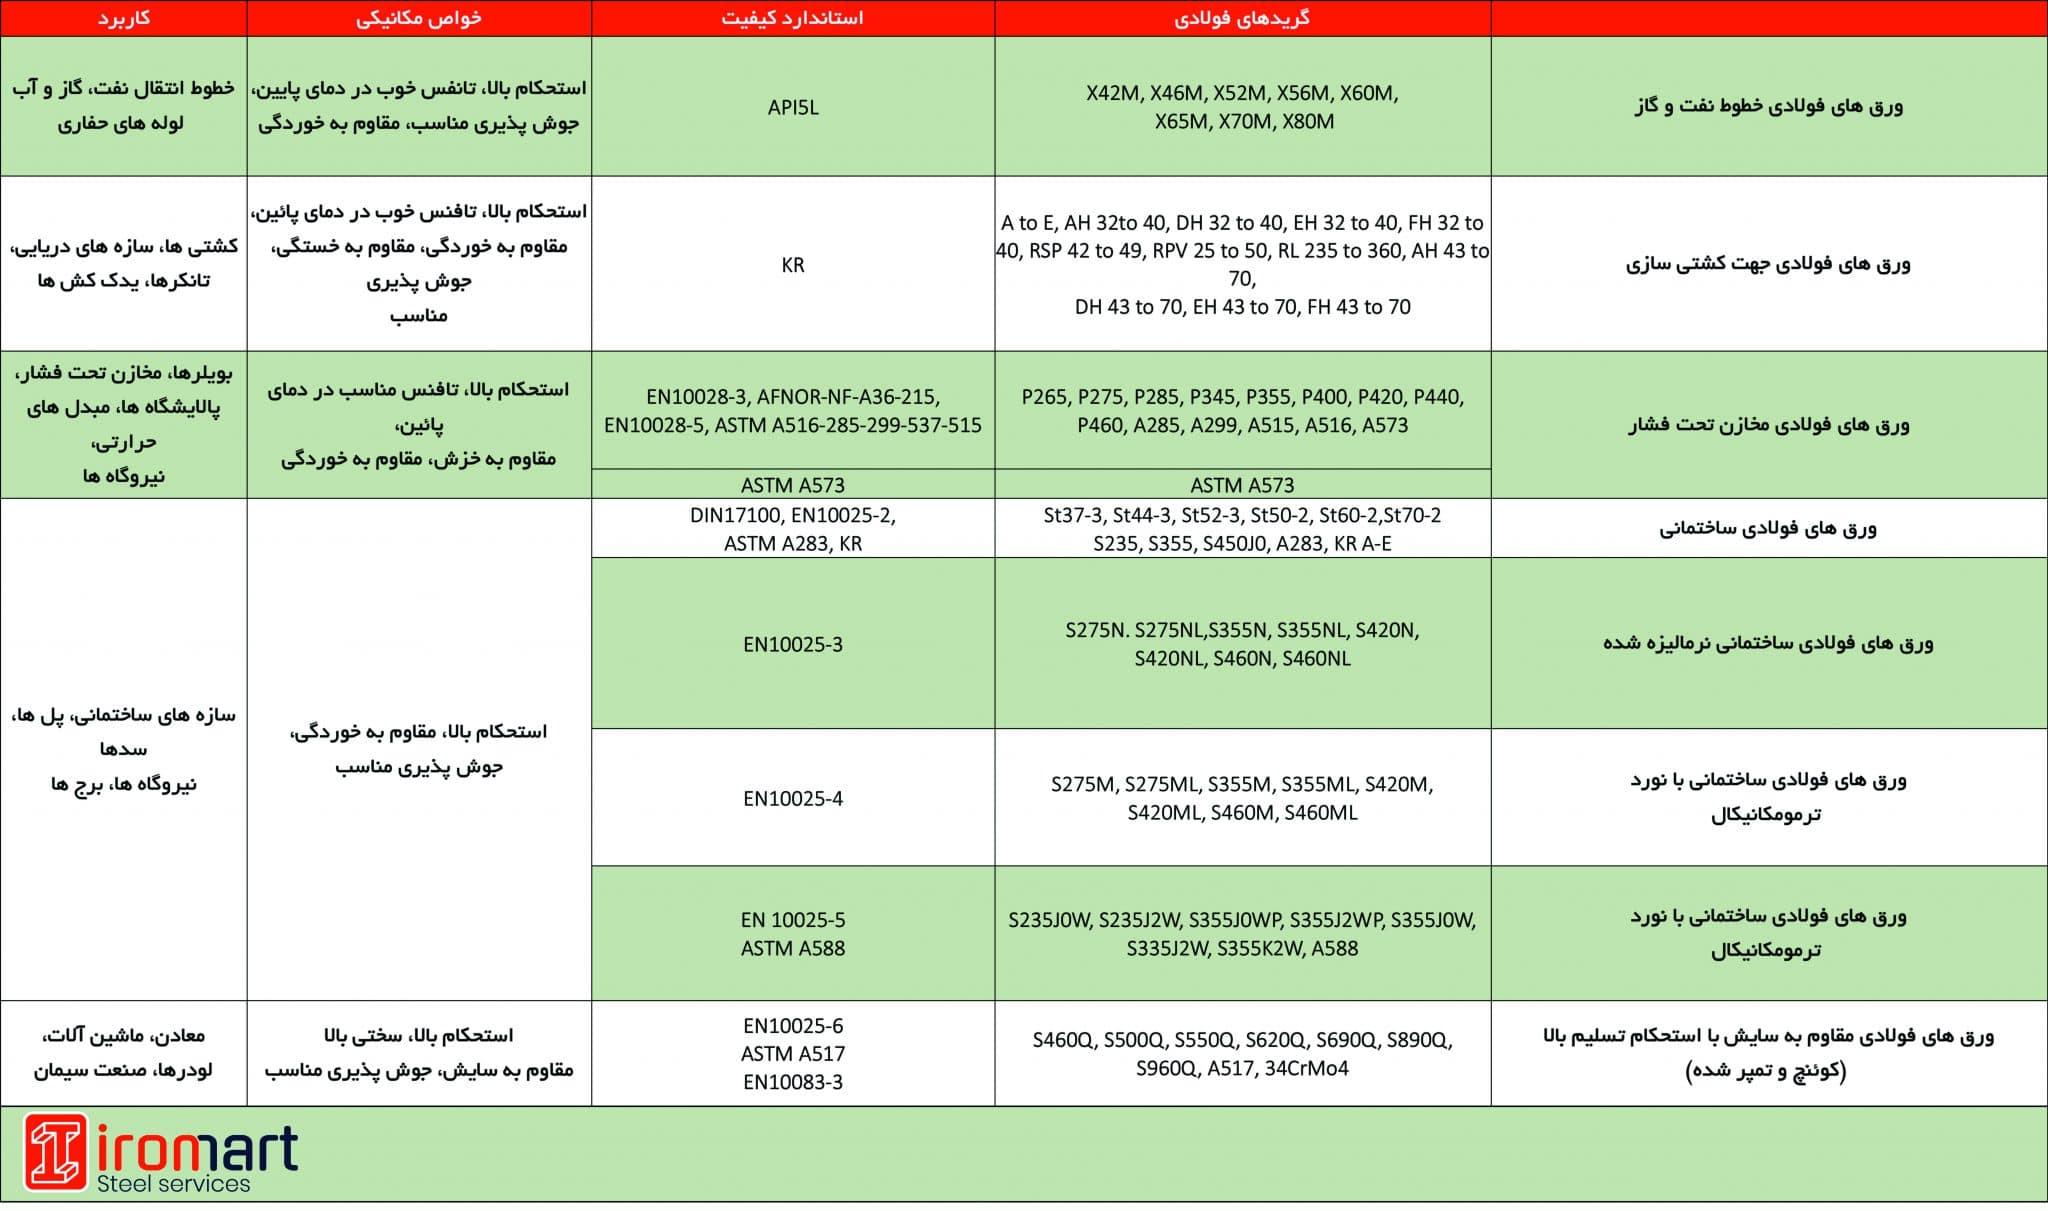 لیست محصولات اکسین خوزستان